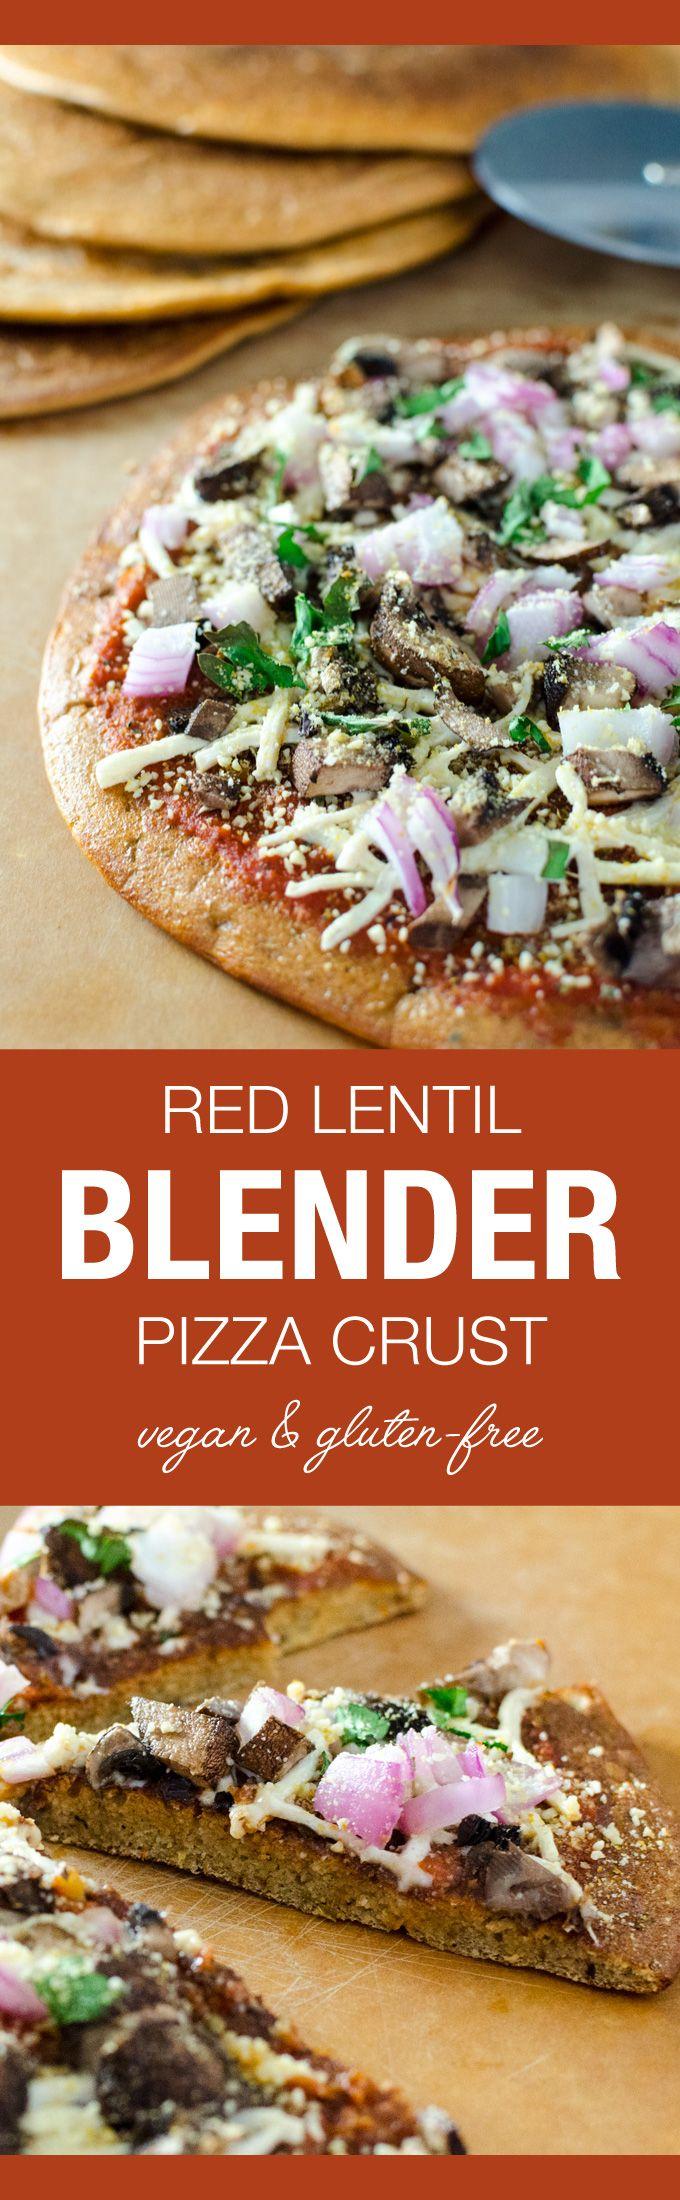 Red Lentil Blender Pizza Crust